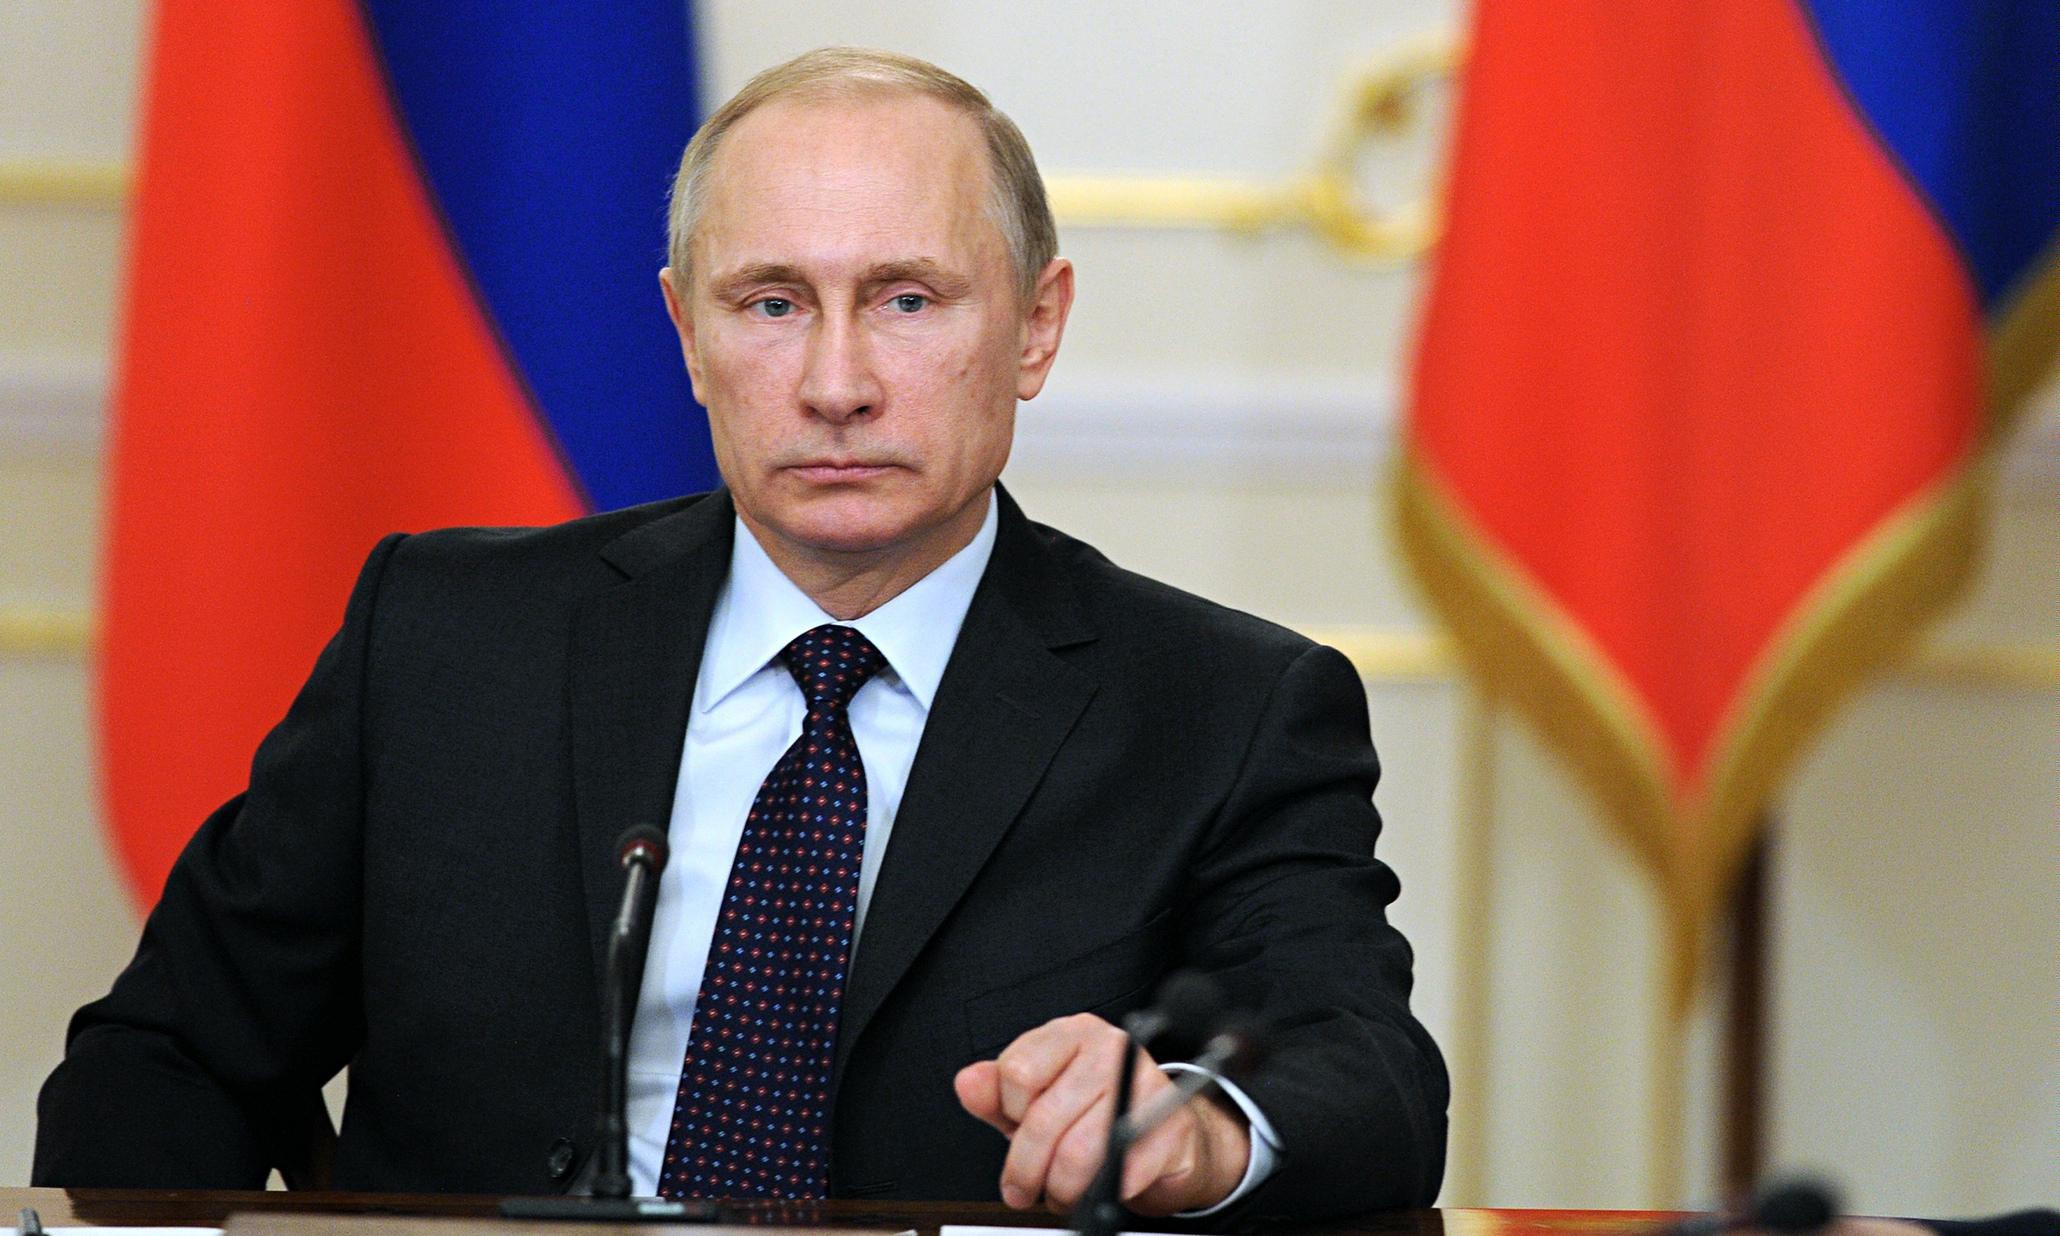 پوتین در رفراندوم تمدید قدرتش تا سال ۲۰۳۶ پیروز شد